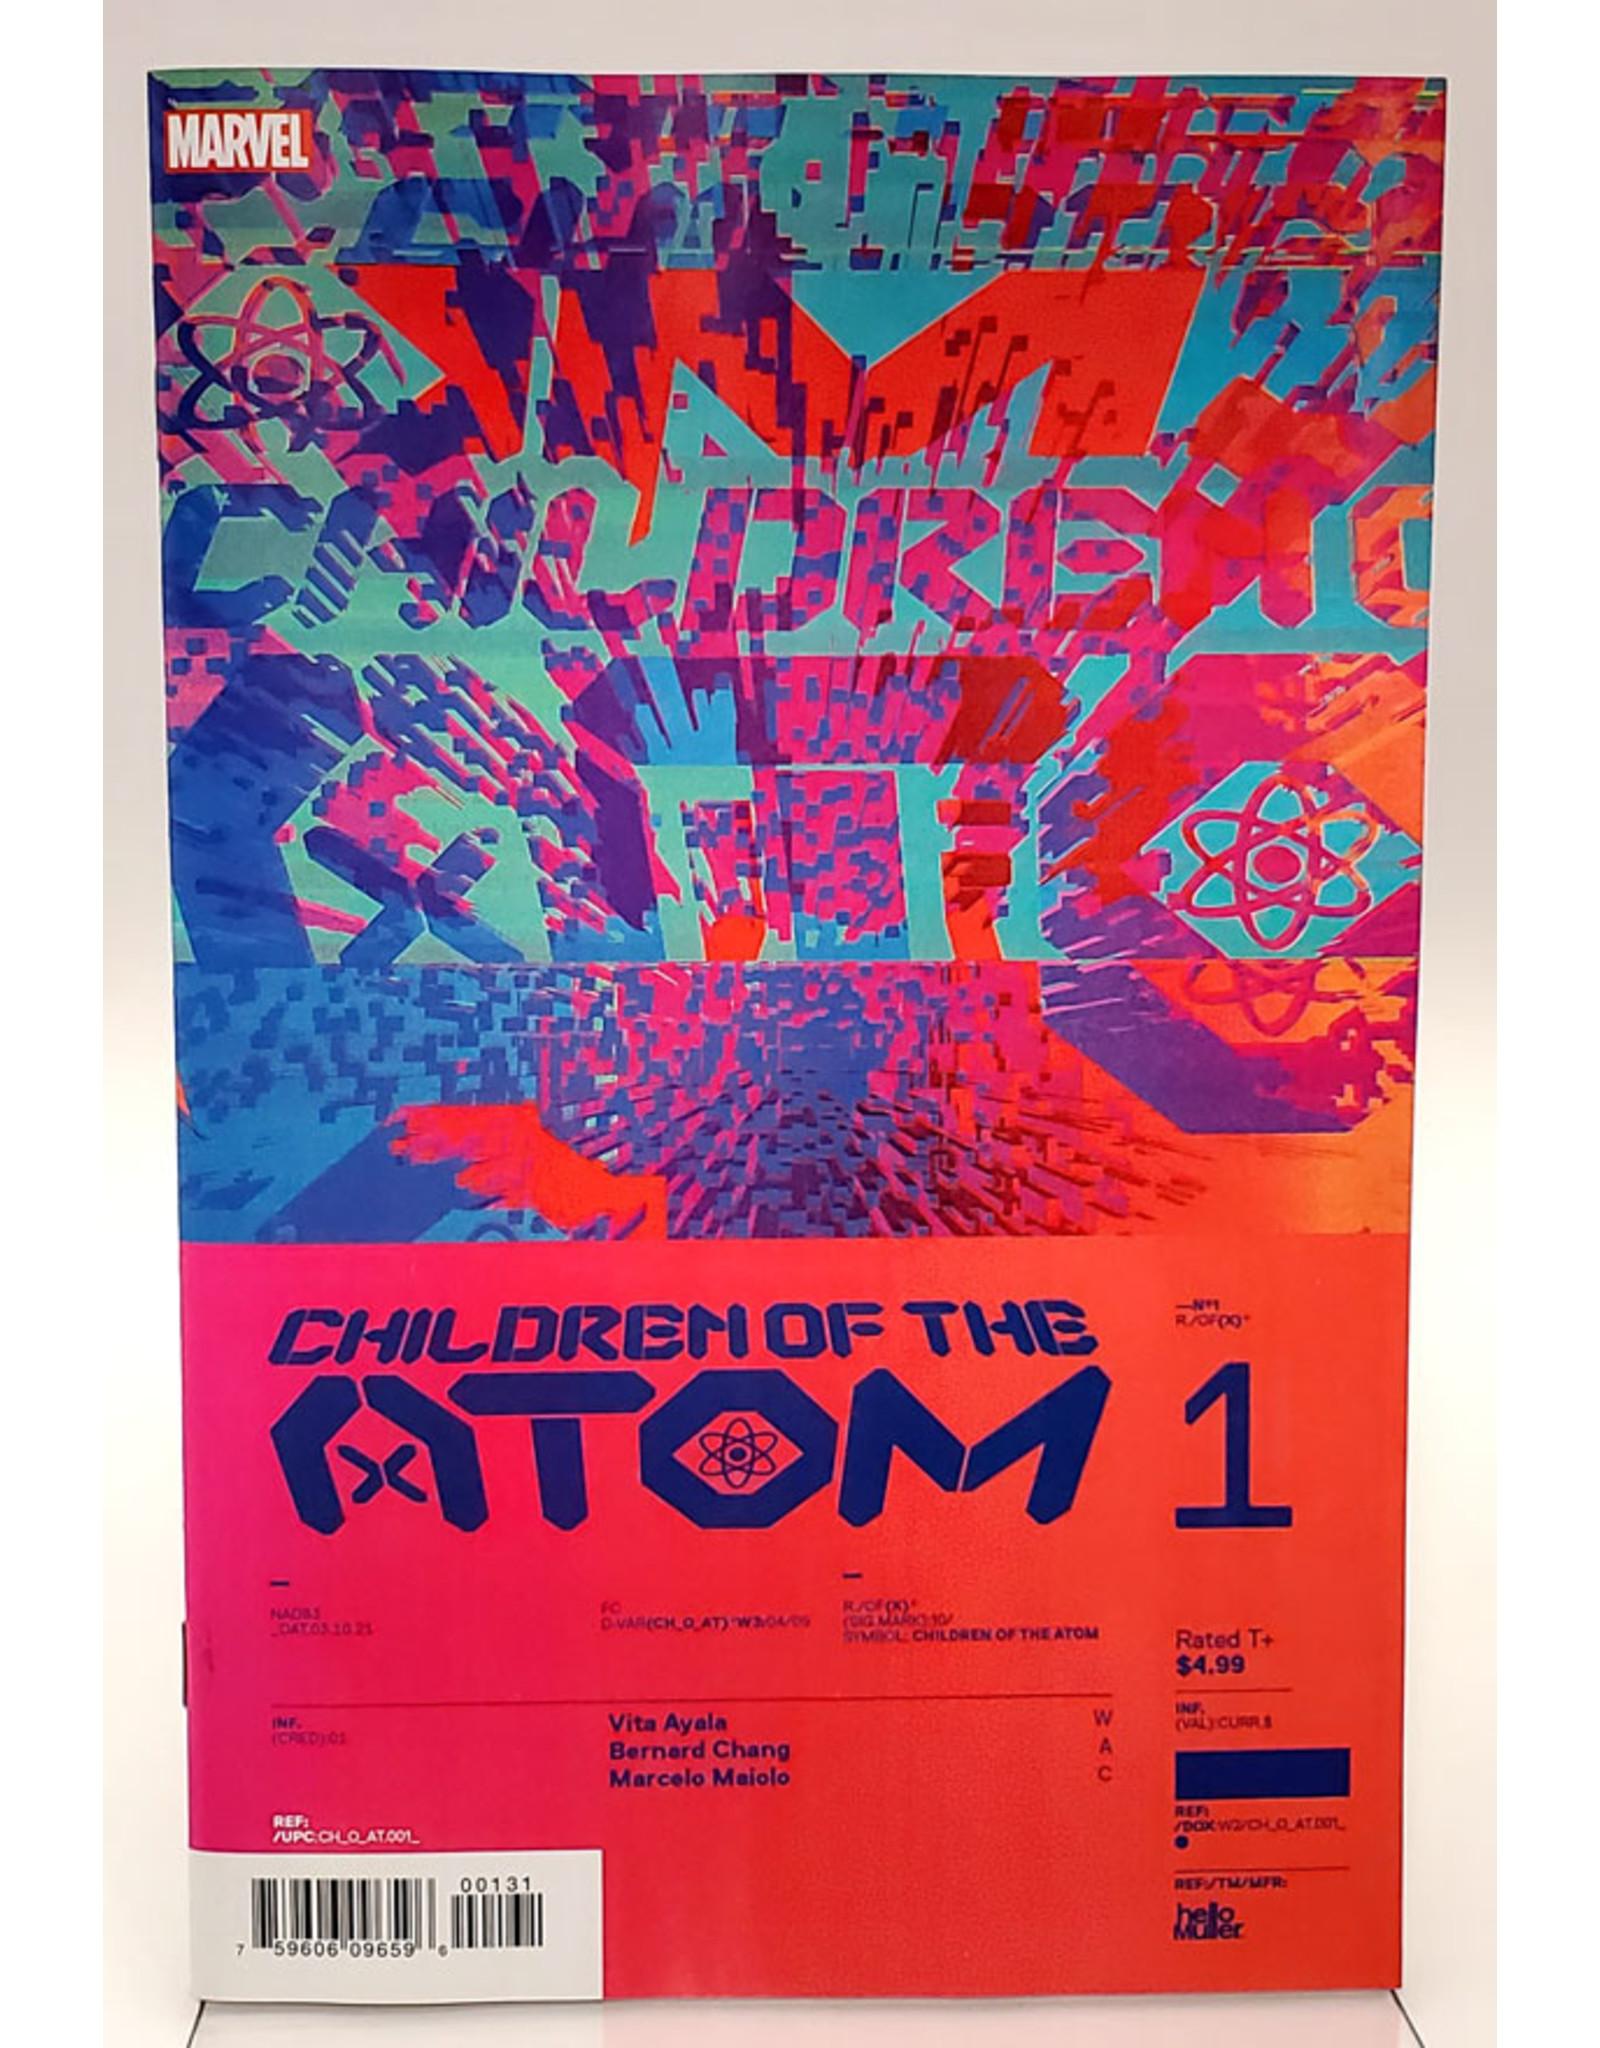 MARVEL COMICS CHILDREN OF ATOM #1 1:10 MULLER DESIGN VAR